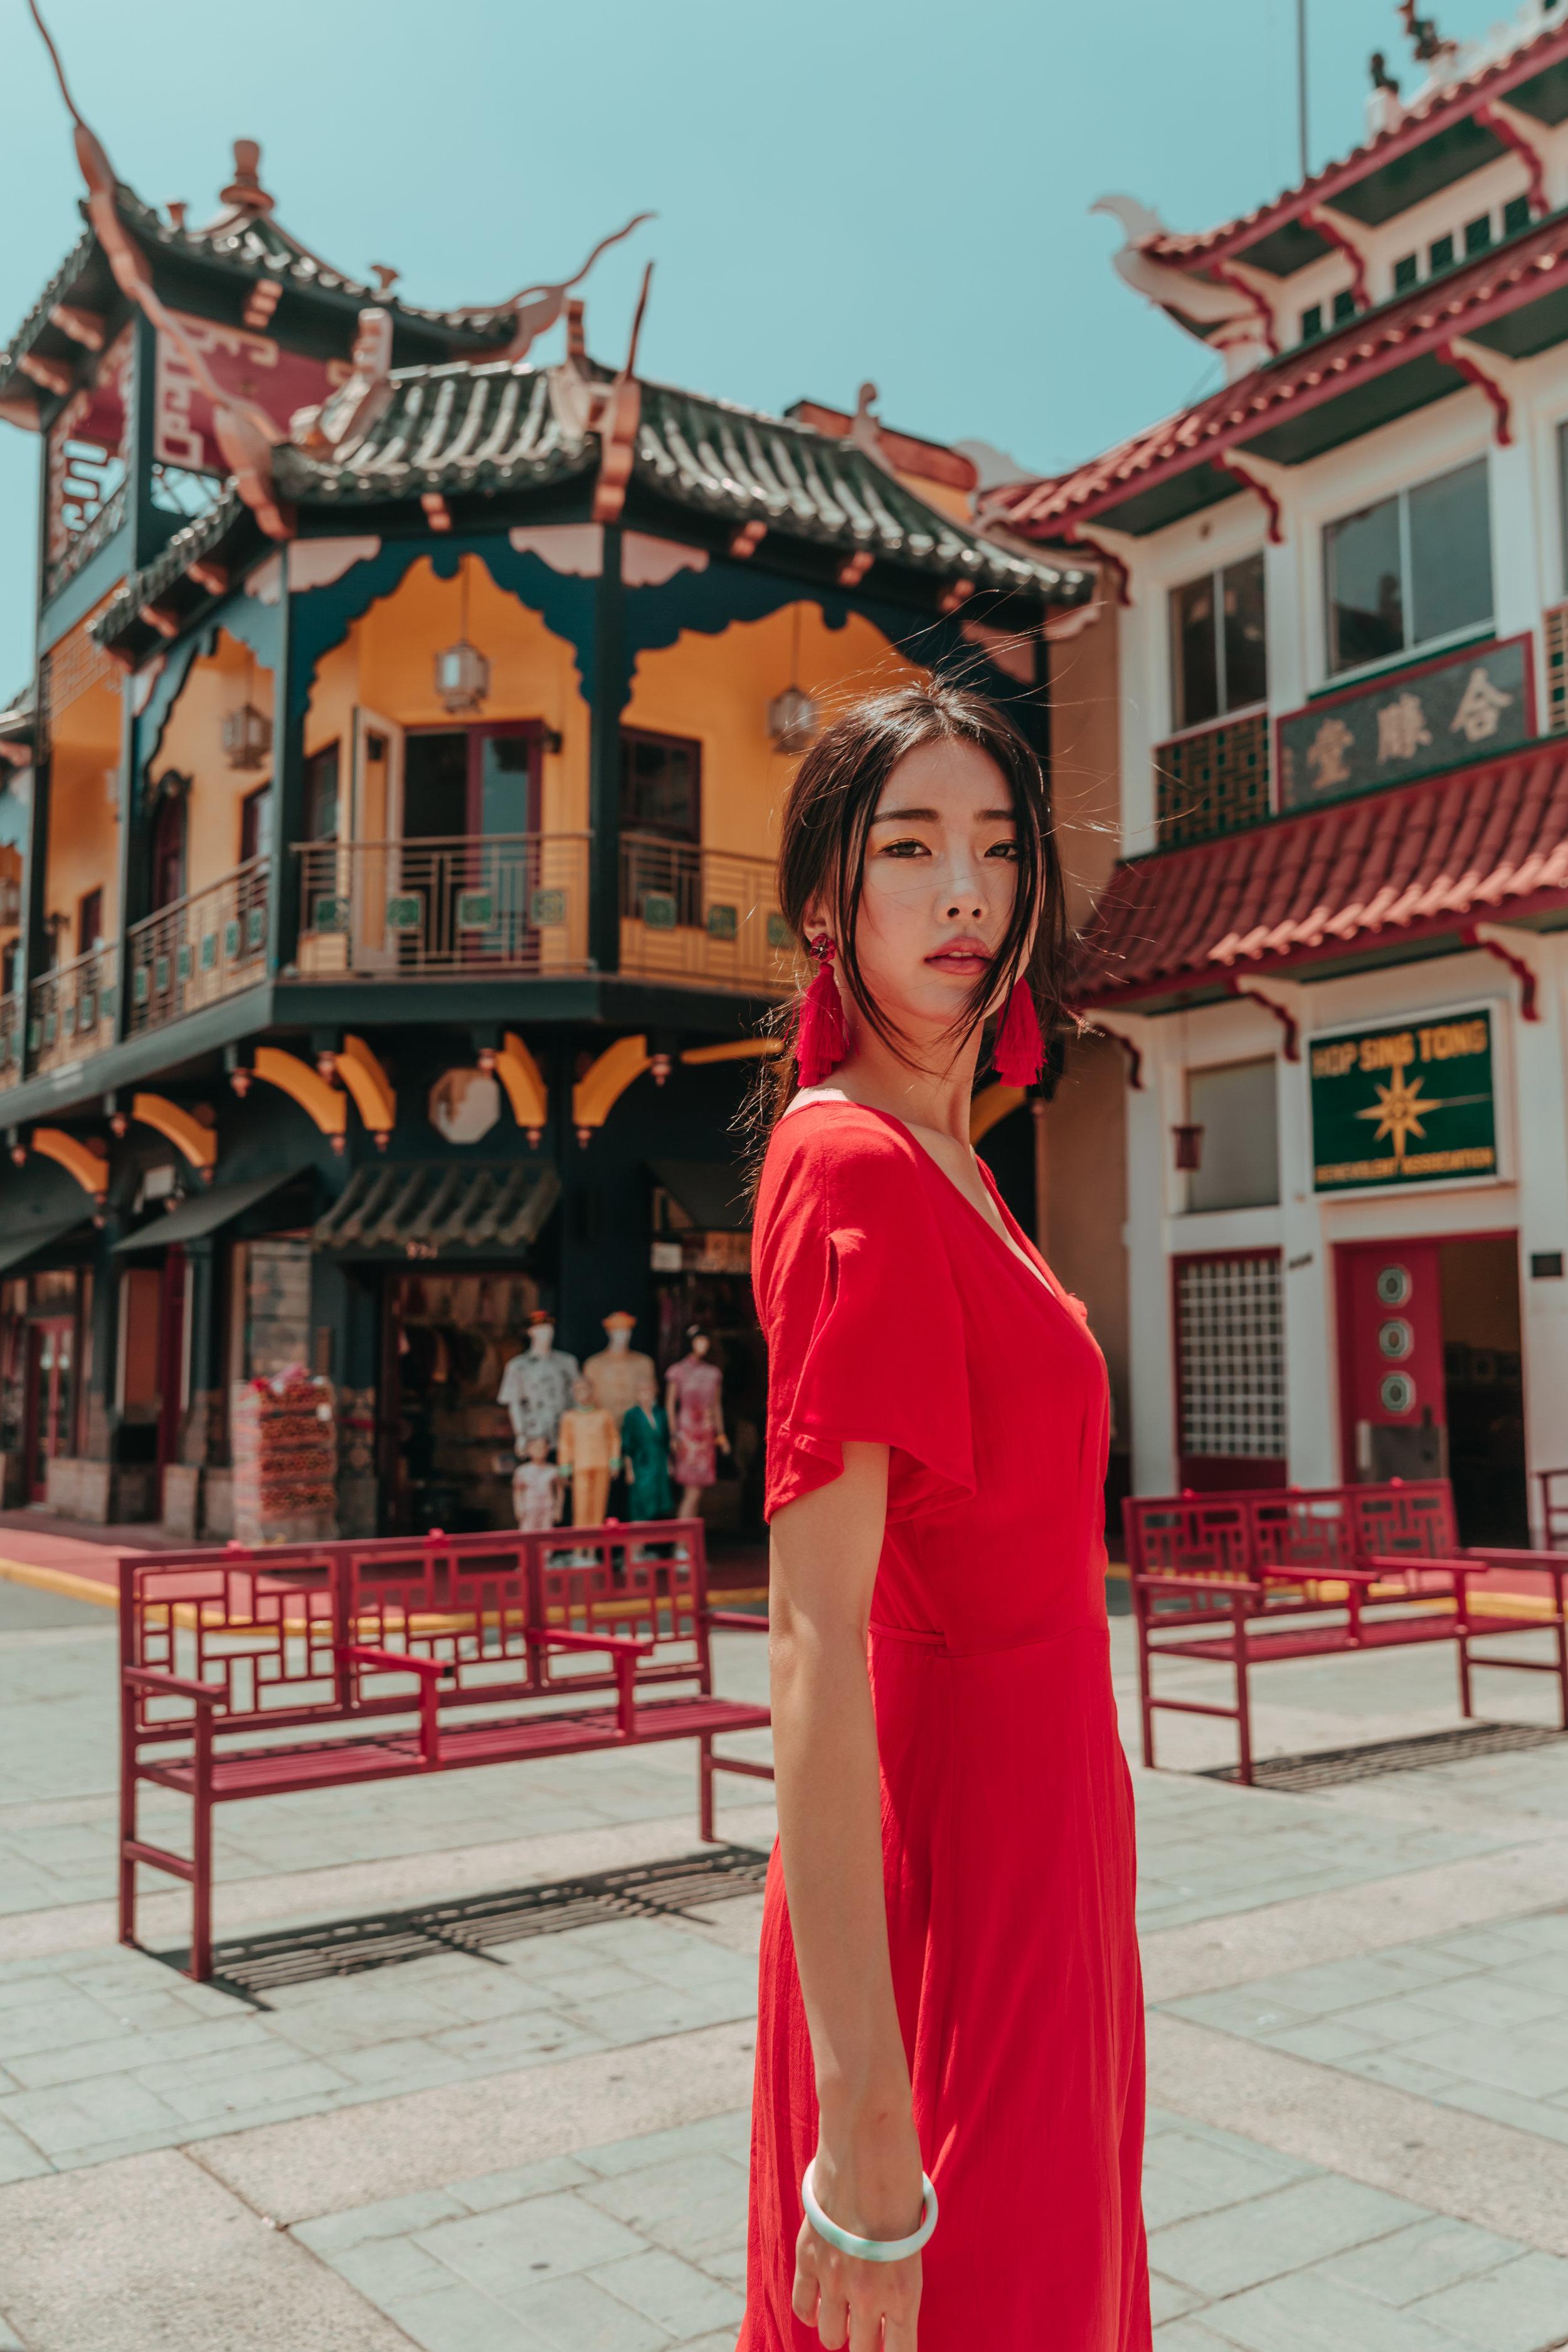 chinatown-dalsooobin-15.jpg